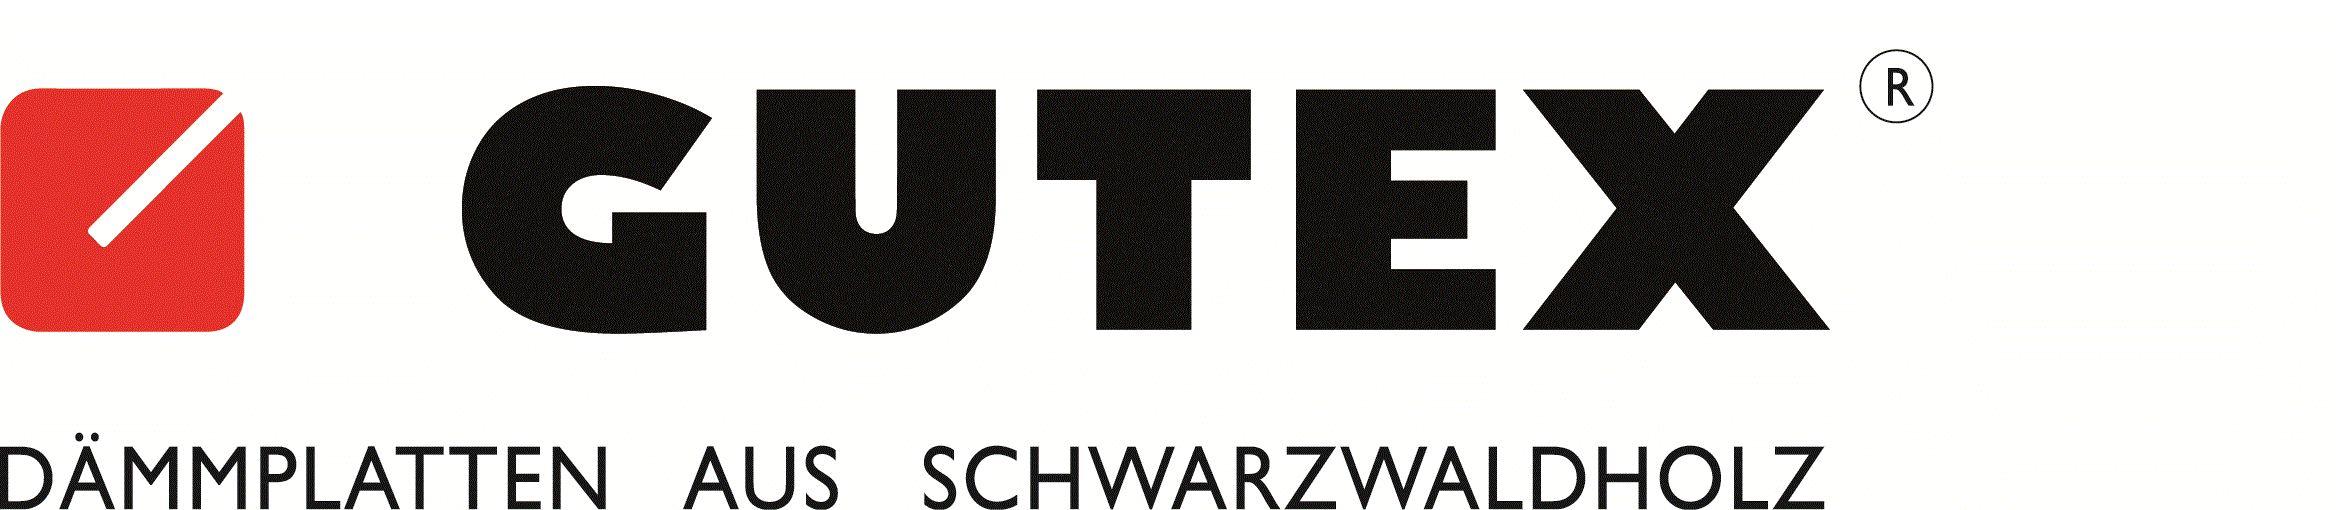 GUTEX Holzfaserplattenwerk